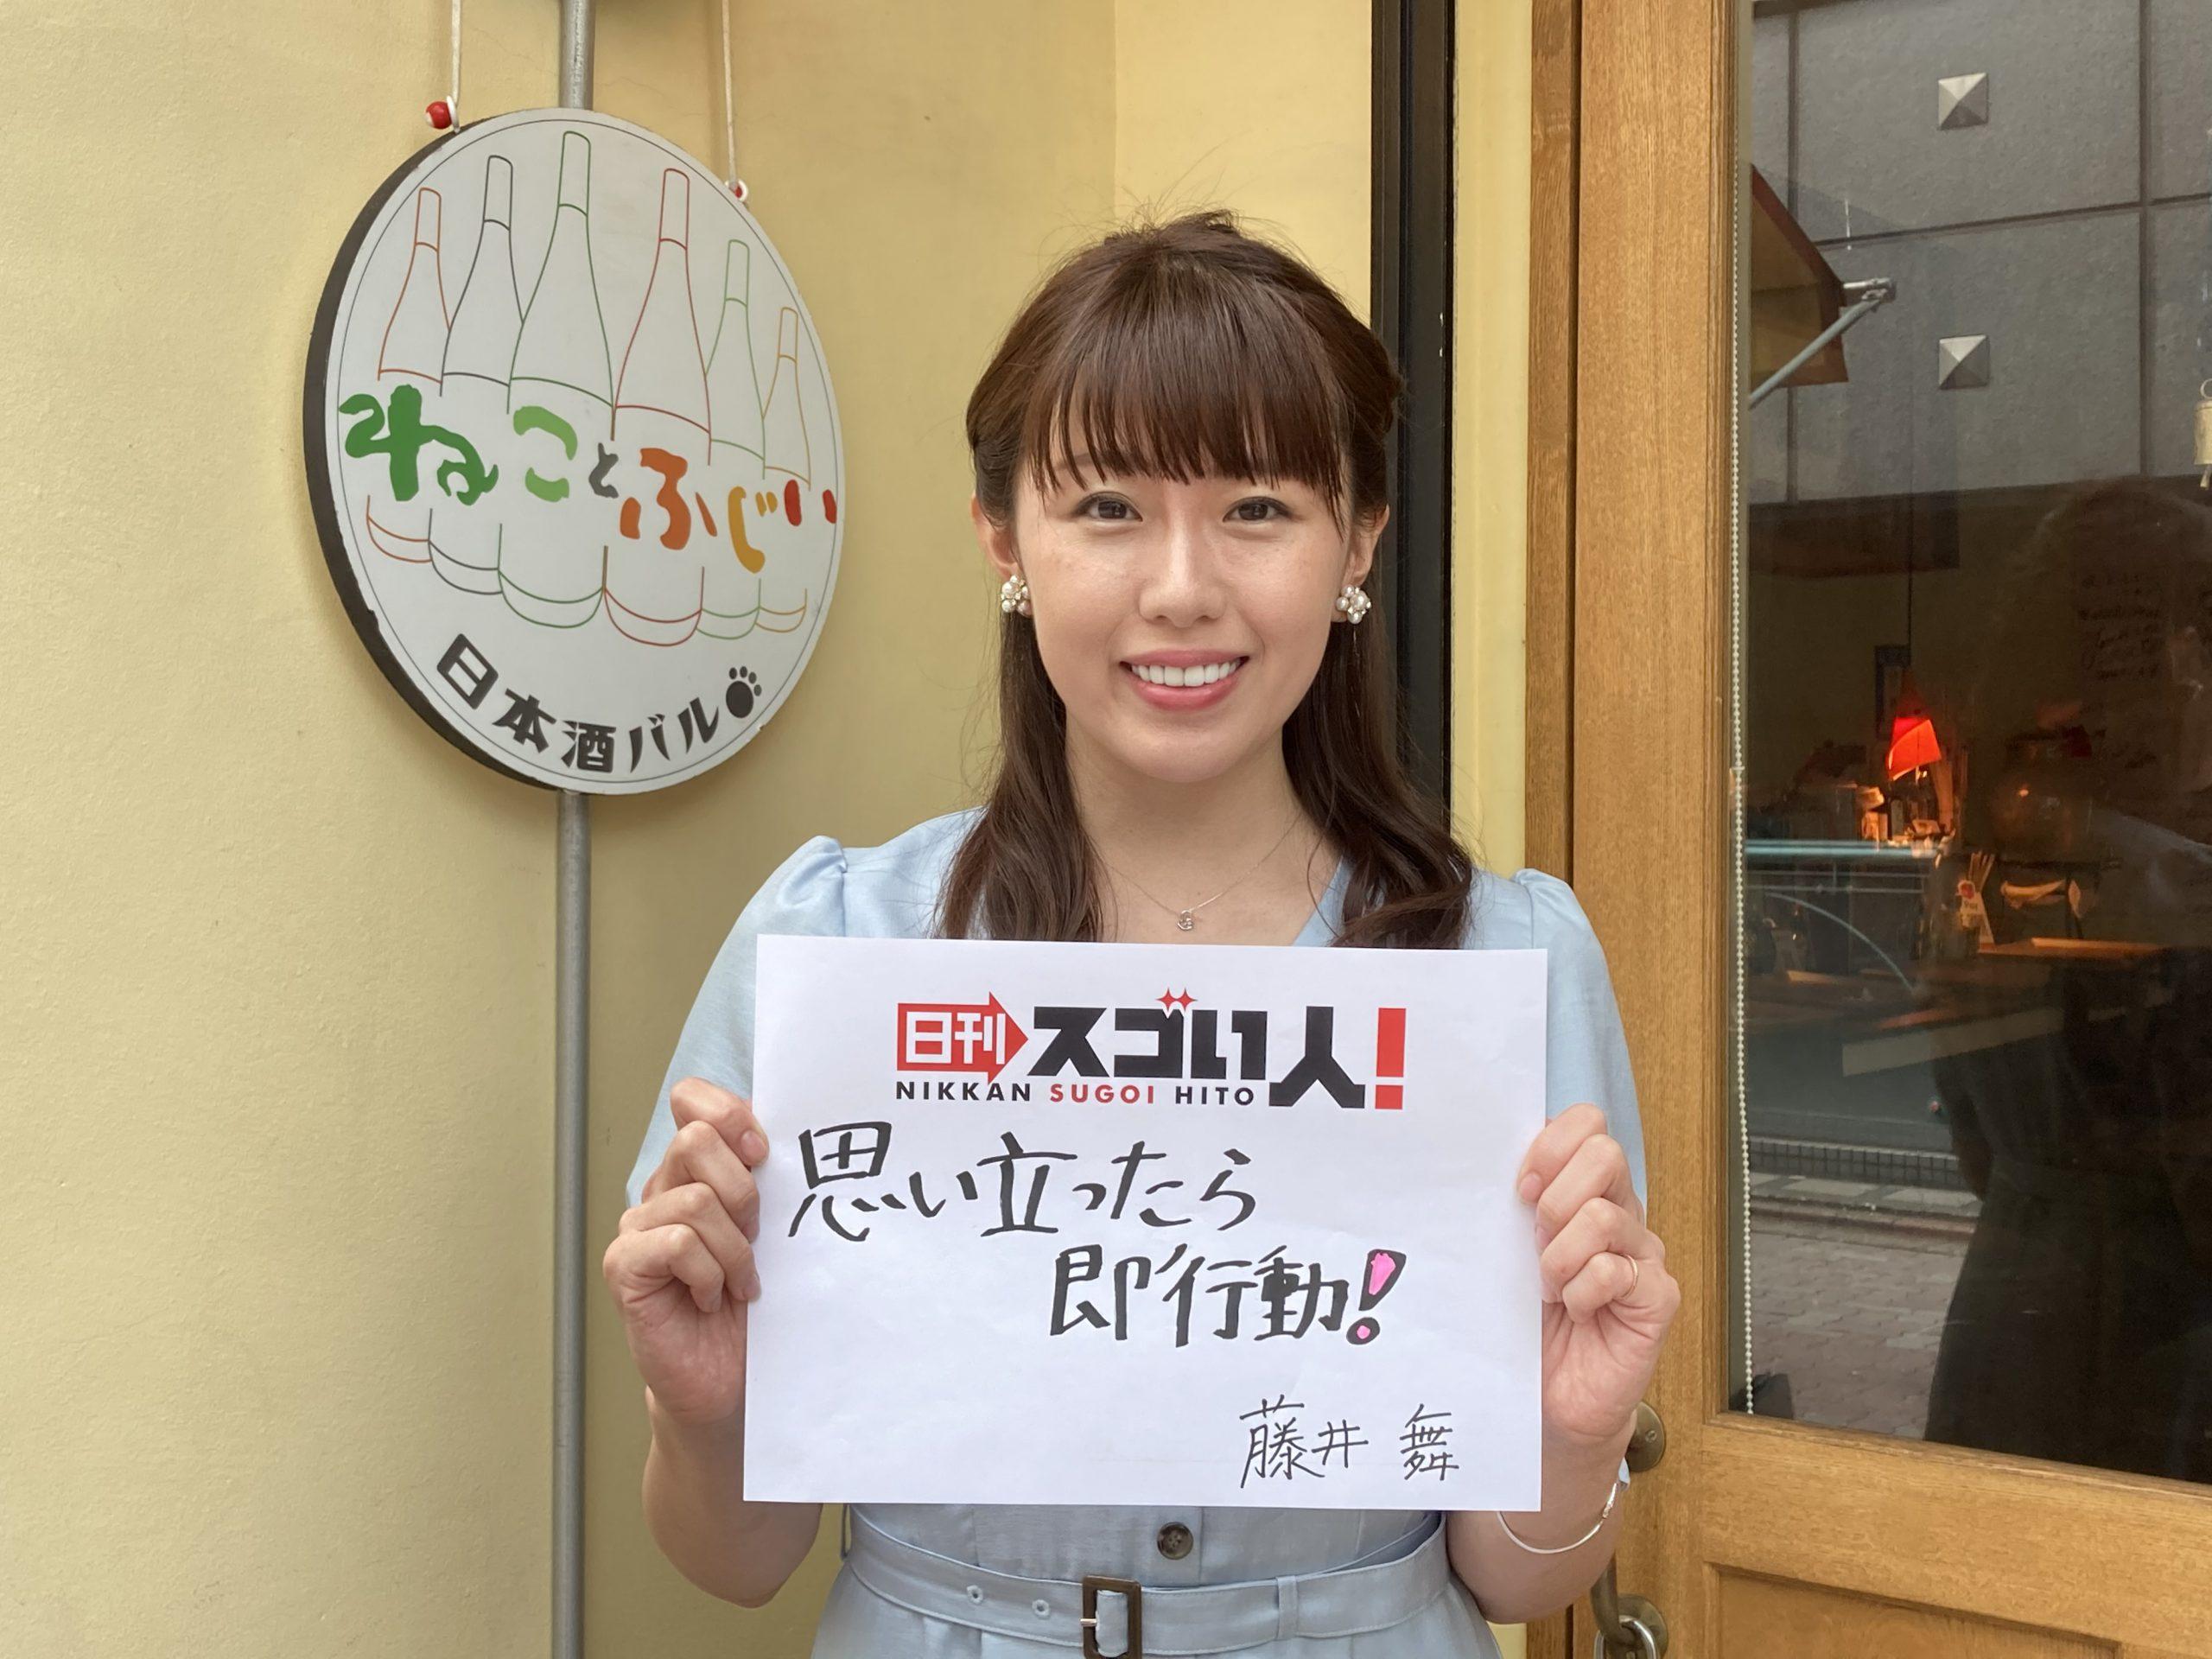 (日本語) NHKアナウンサーから、「猫が働かない」猫カフェのオーナーになったすごい人!